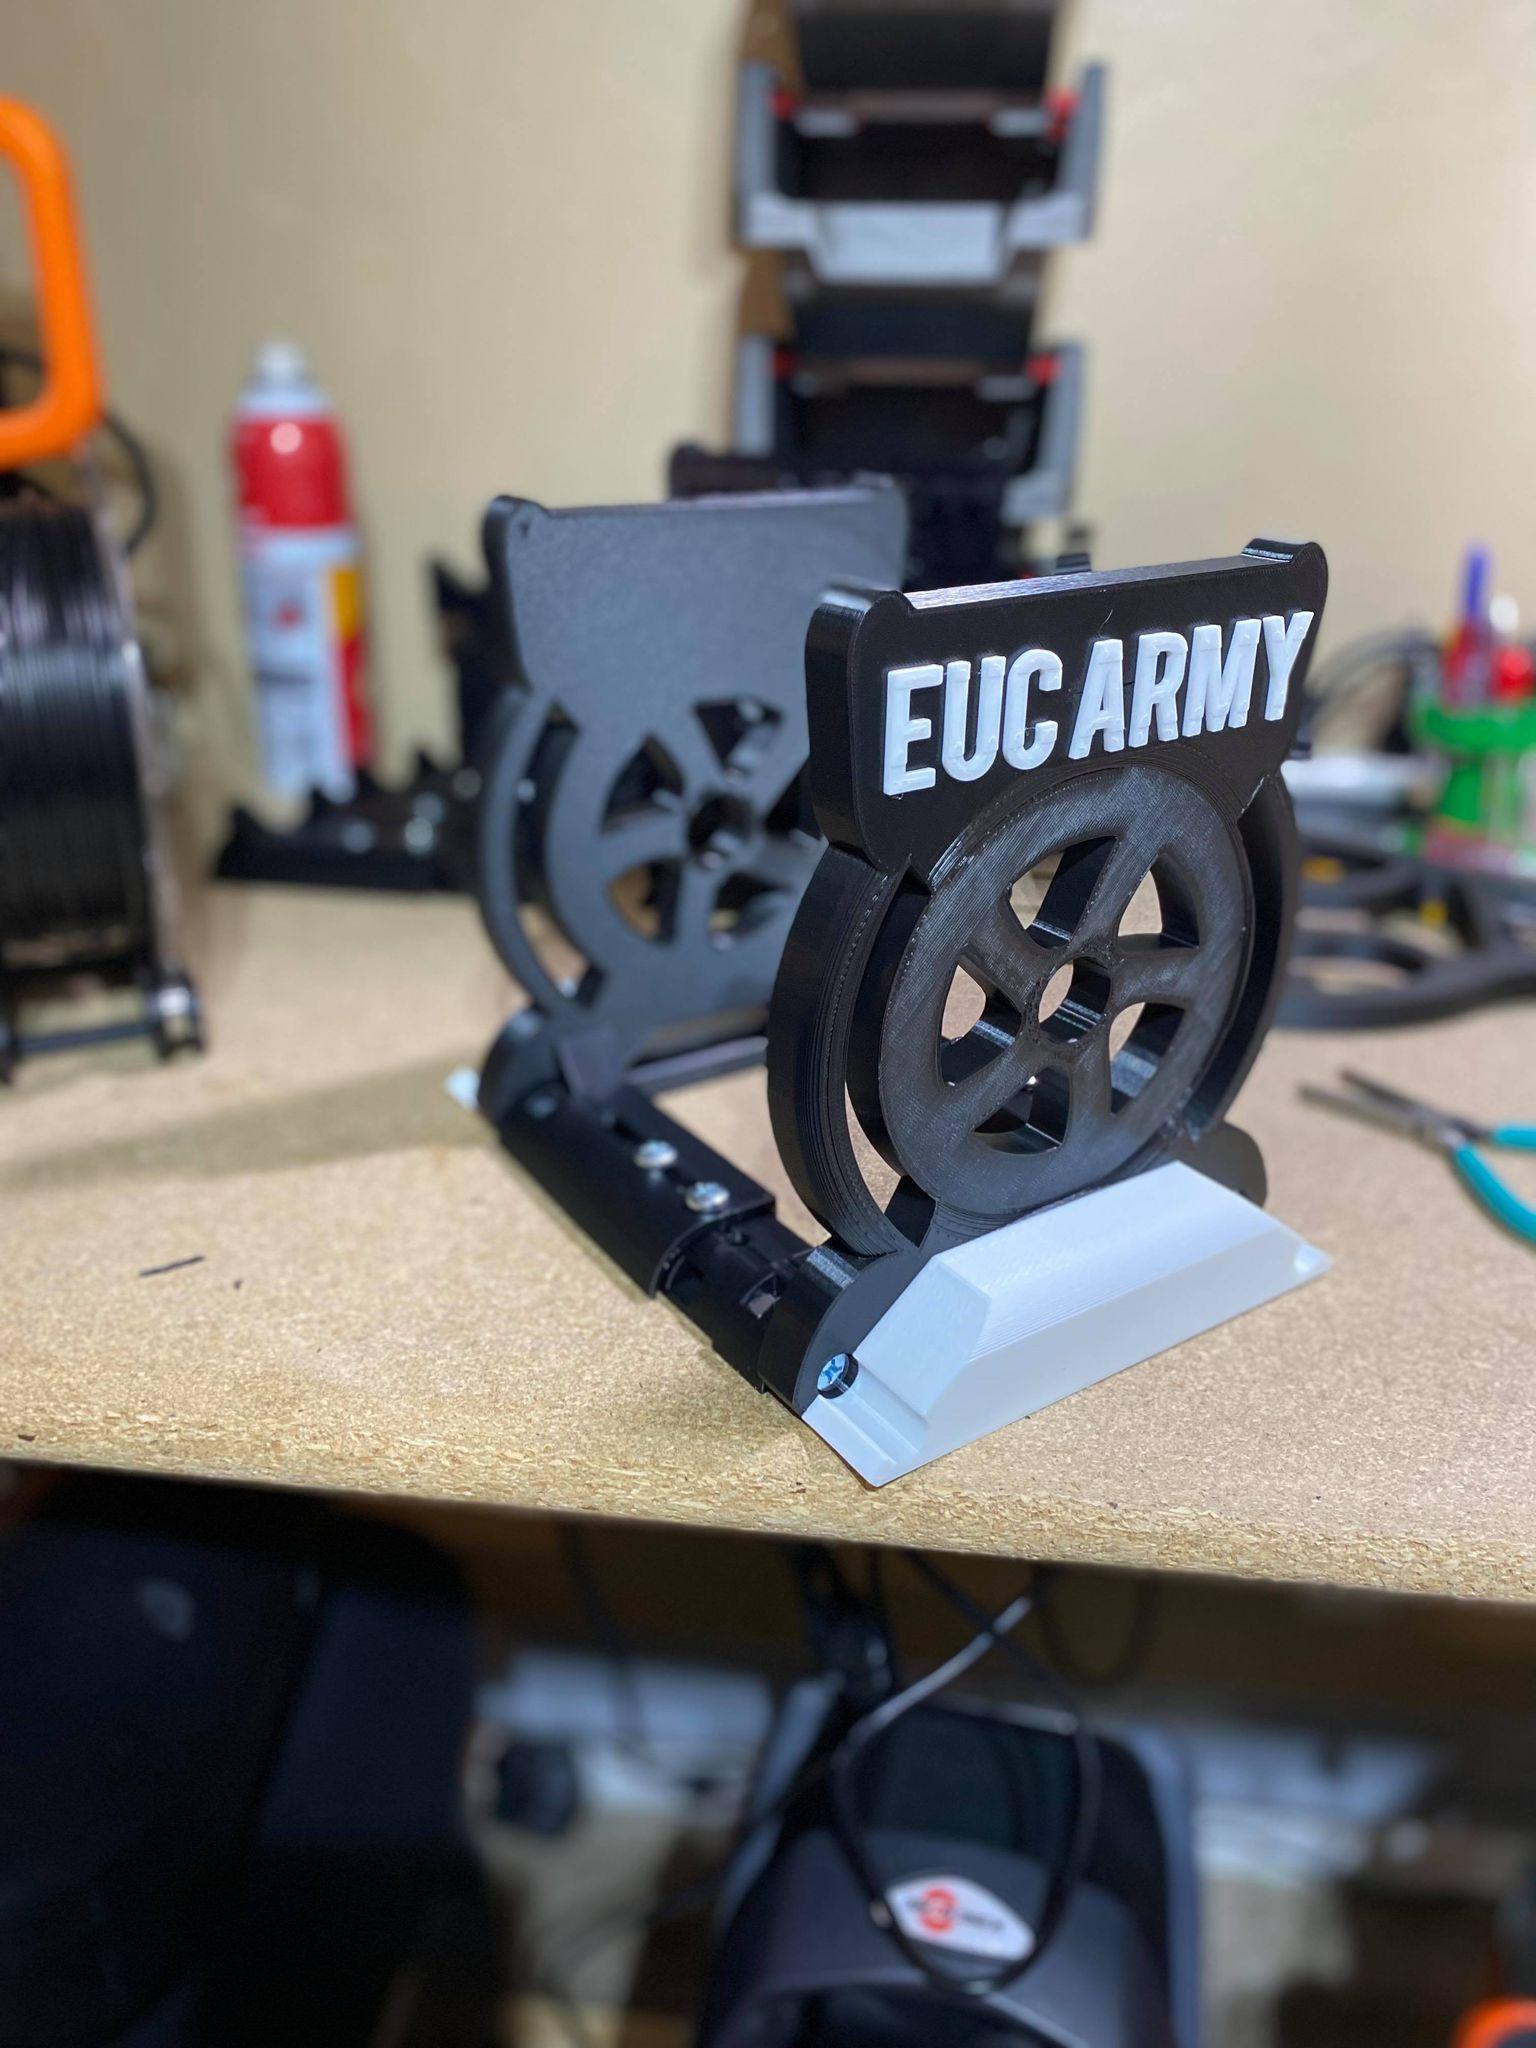 EUC Stand 3.9 Premium Tall Boy Adjustable XS - Fits ALL wheels